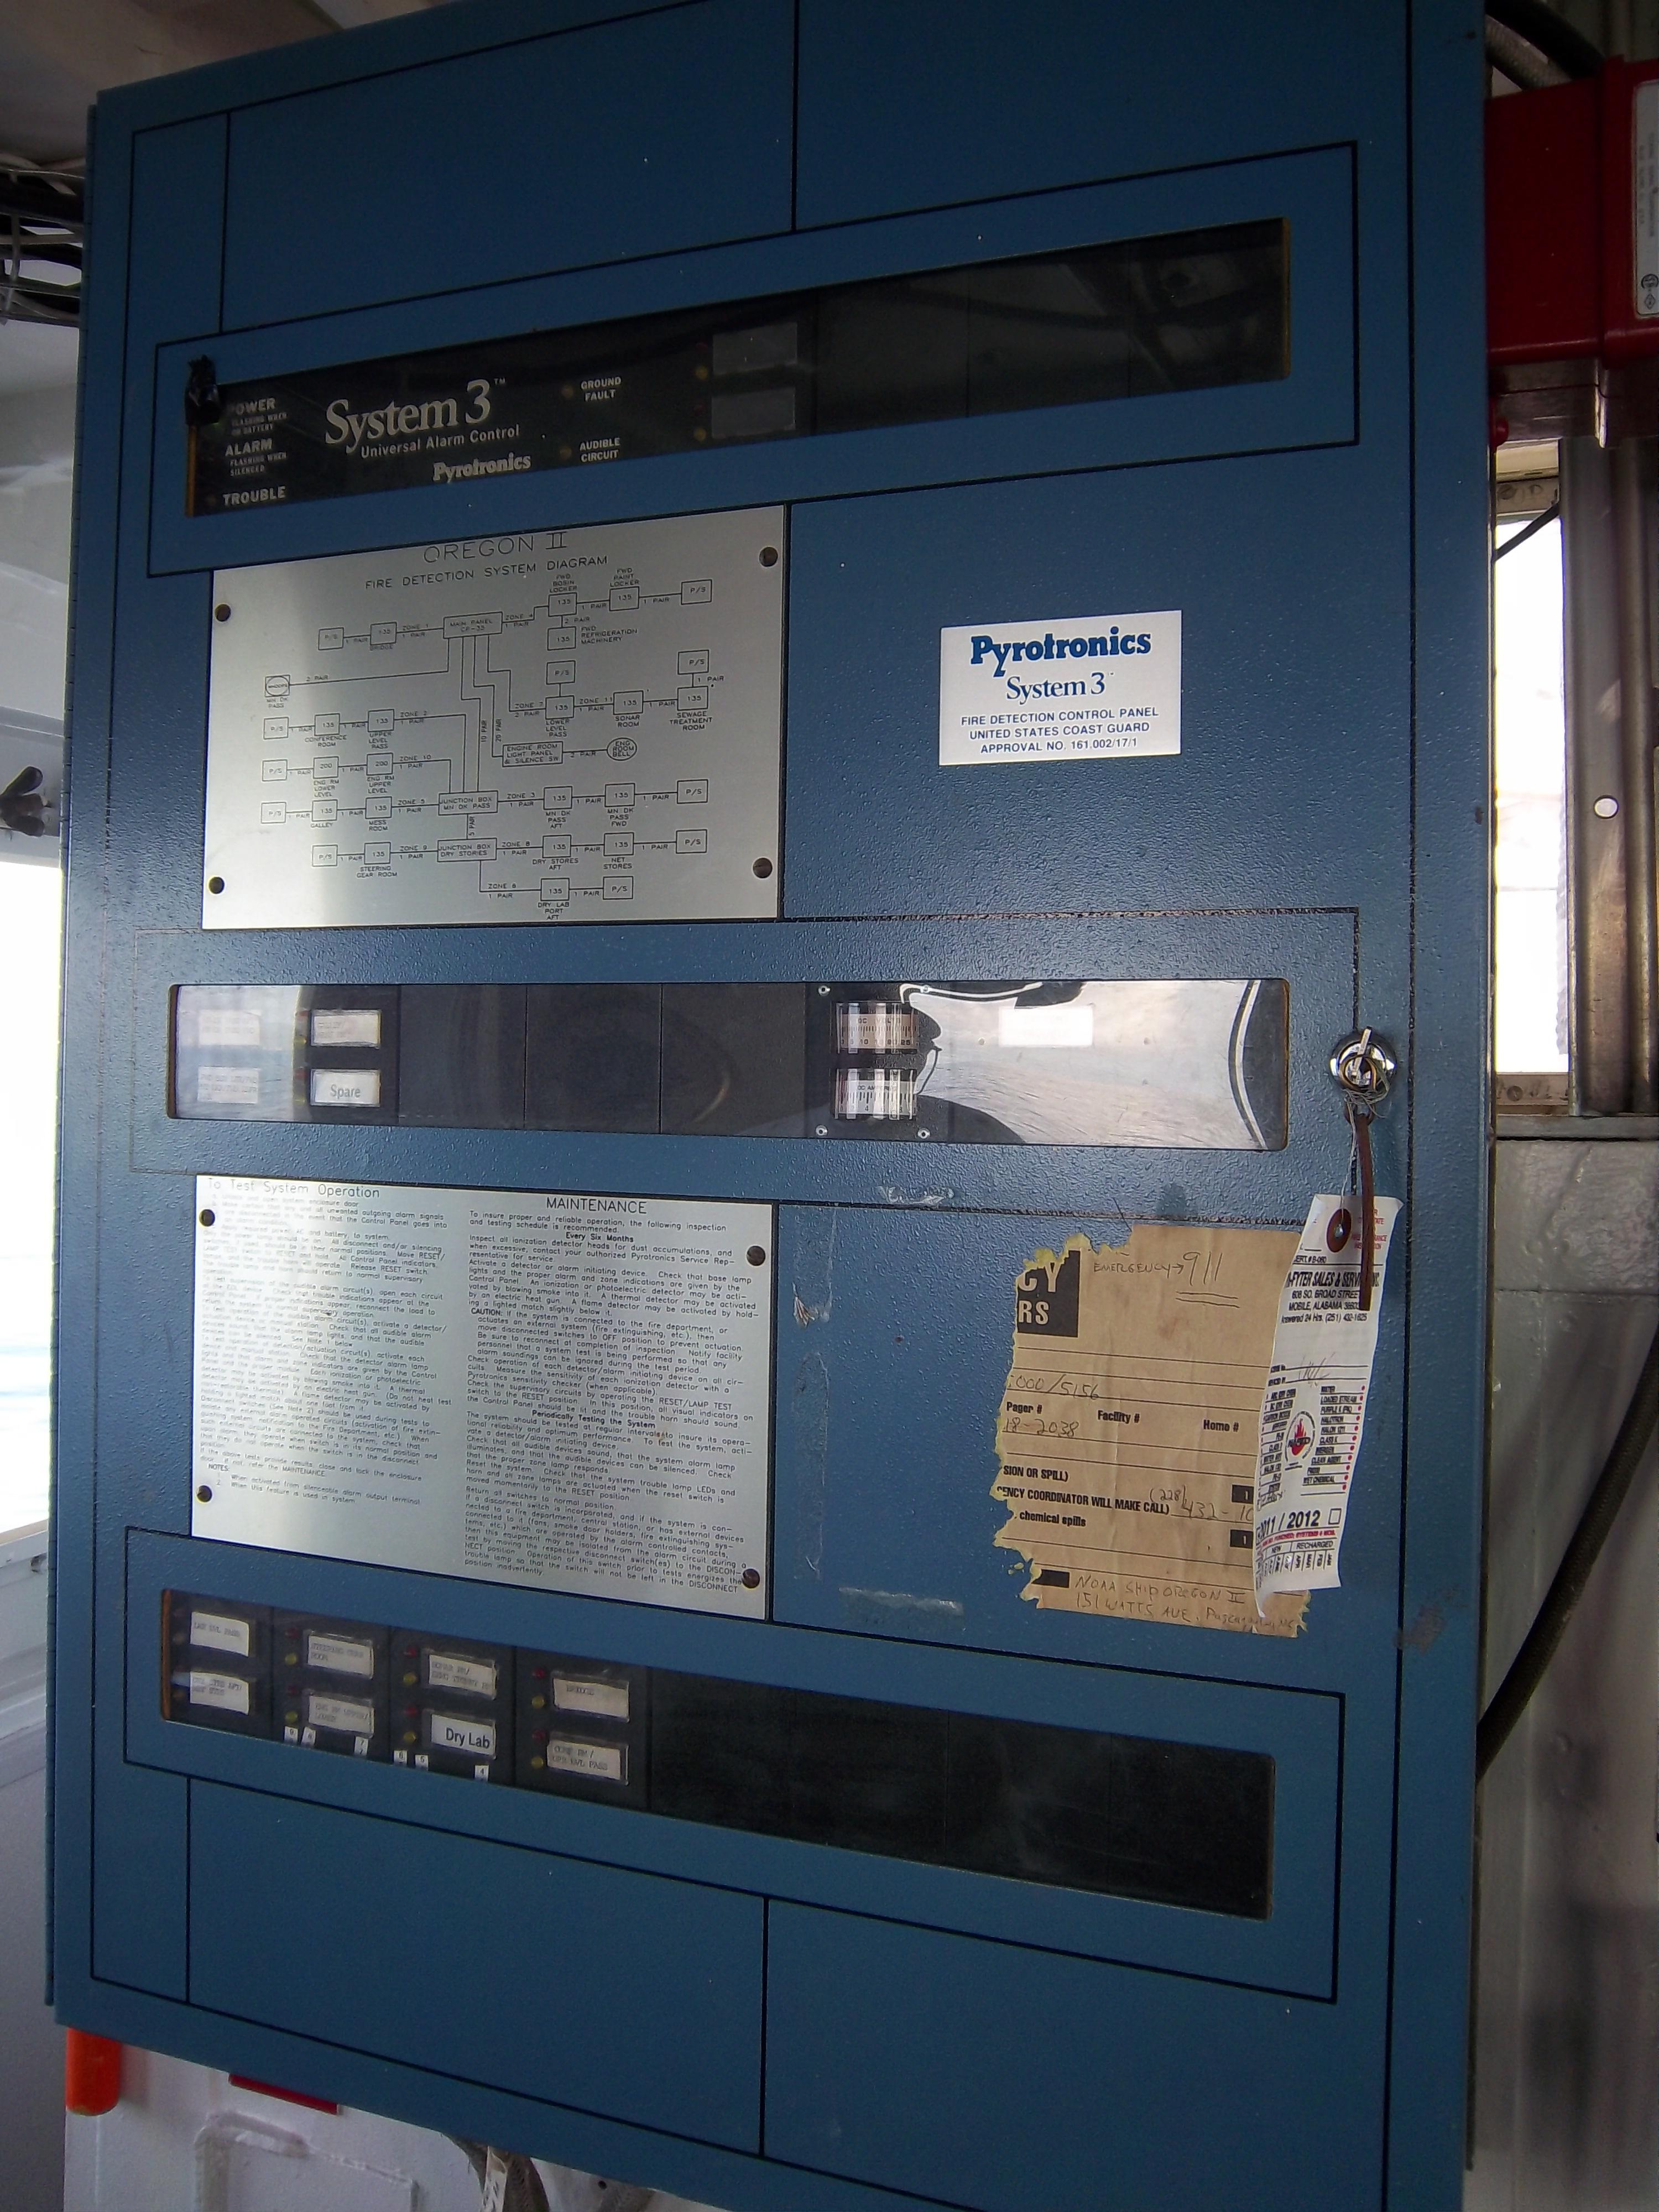 cerberus fire alarm panel manual pdf